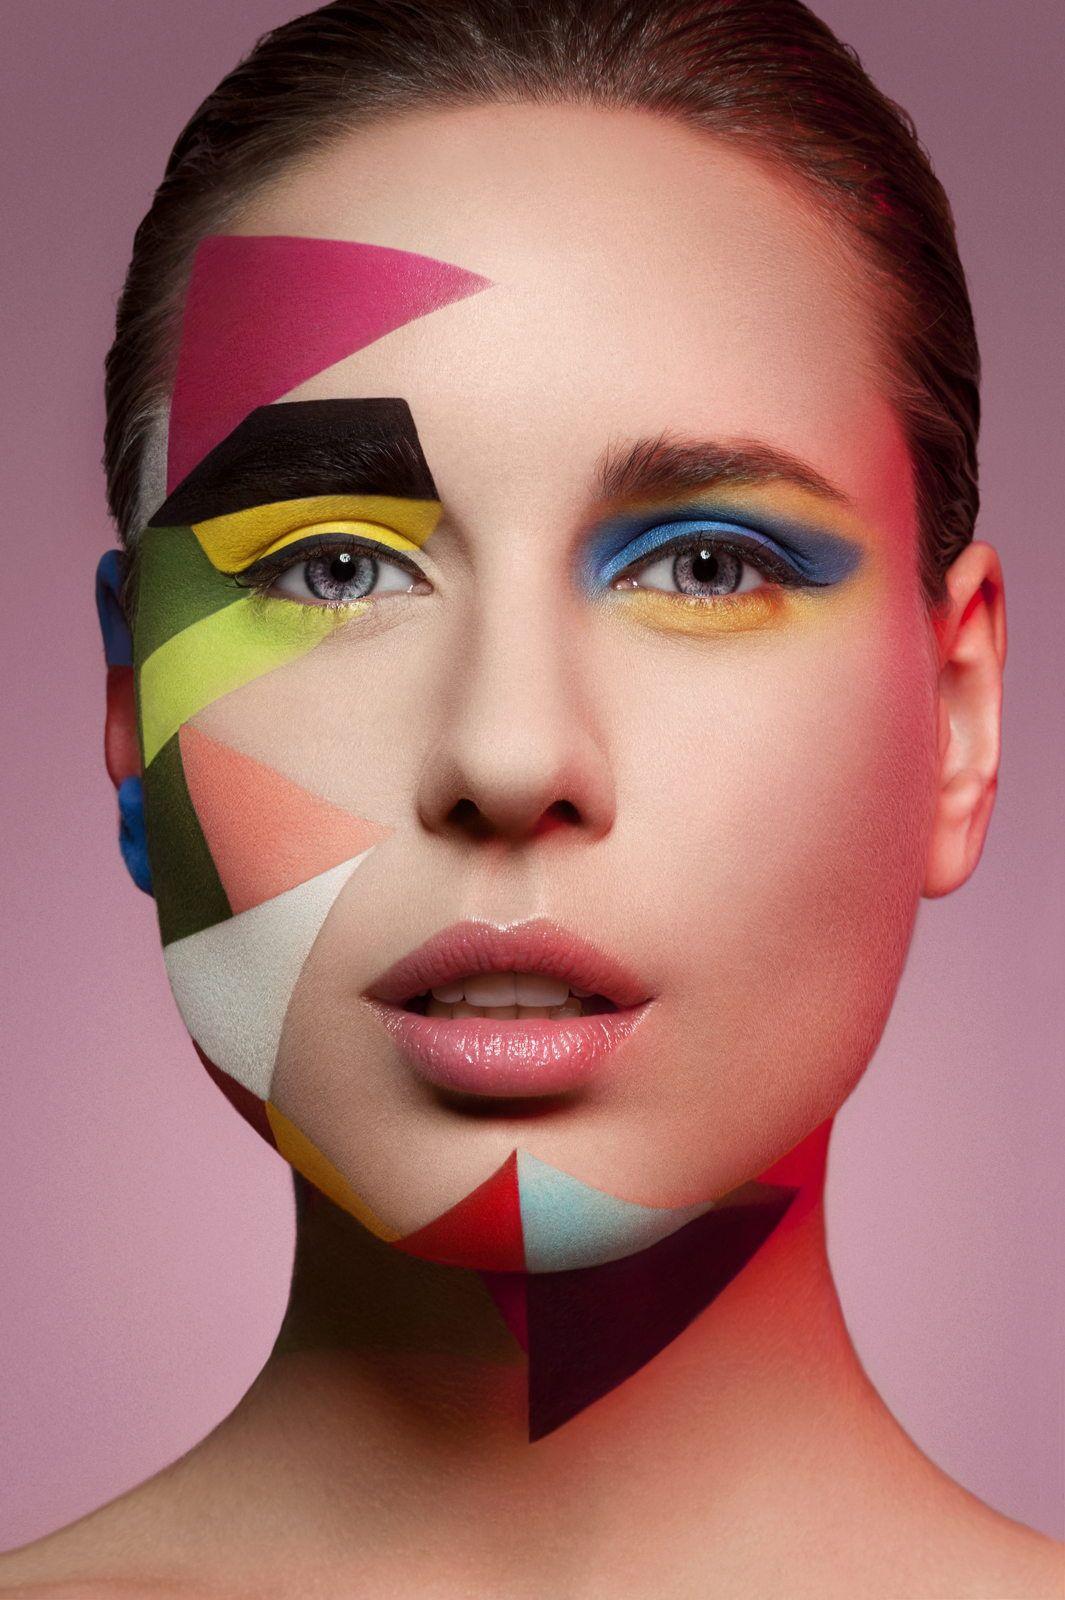 Pin de Maram en models pic Maquillaje artístico